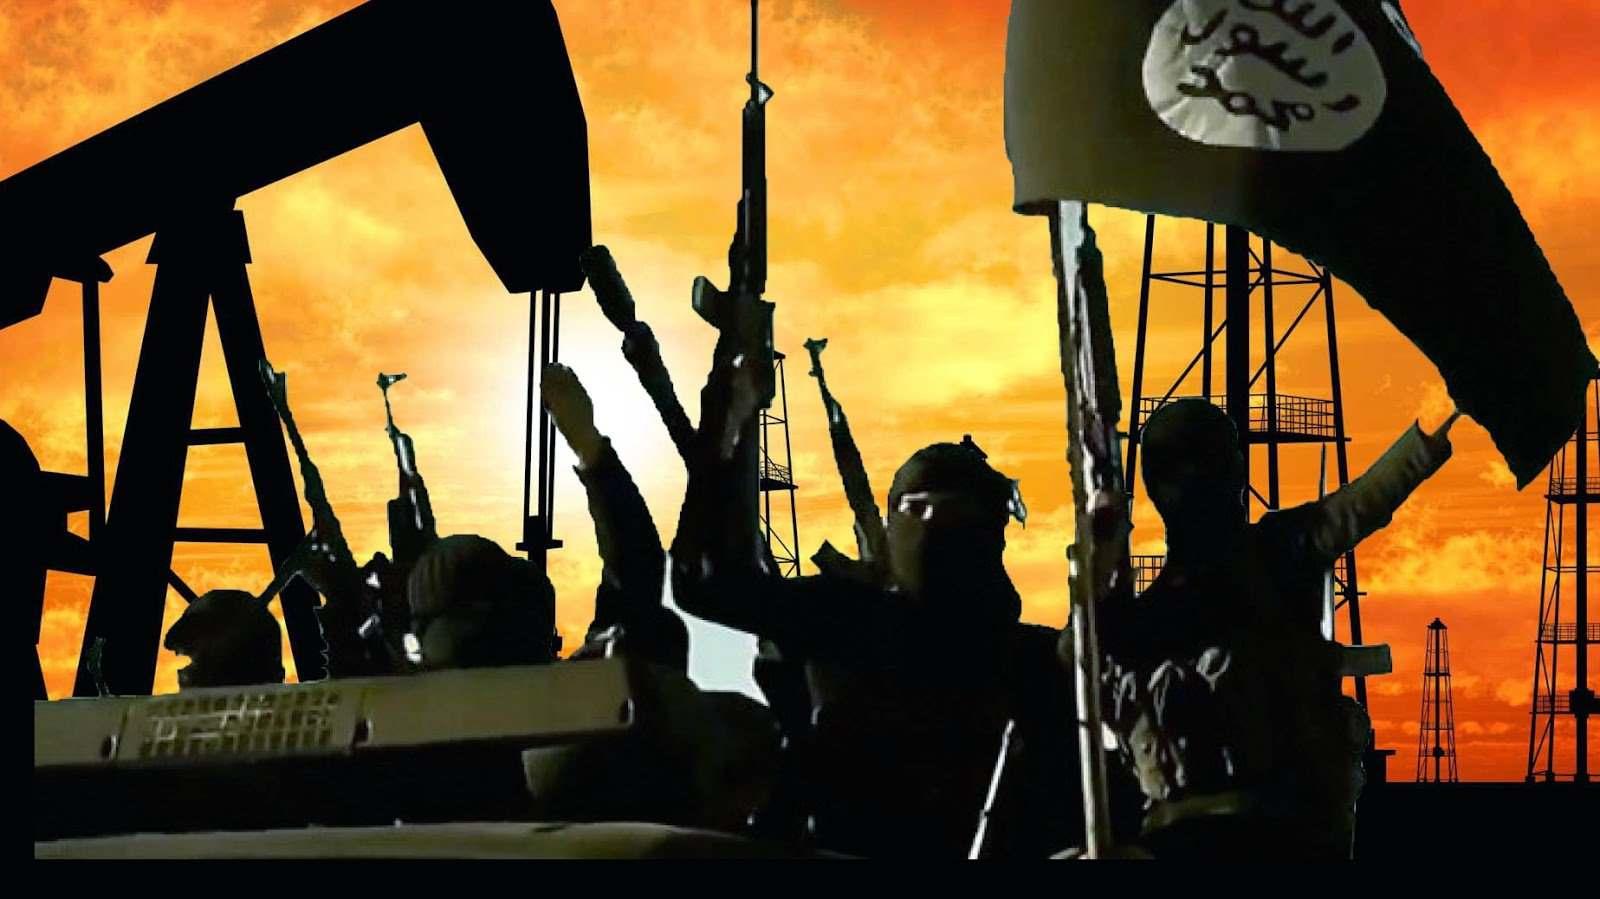 Куда ИГИЛ продает нефть